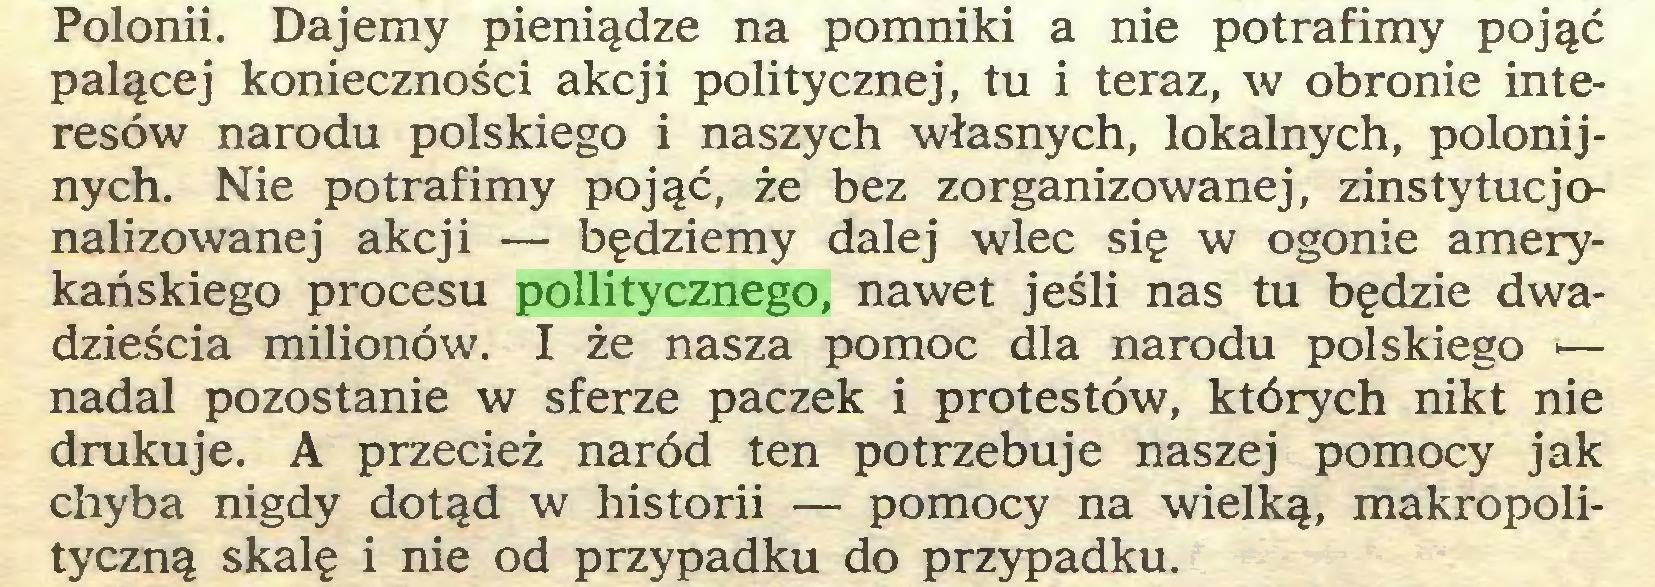 (...) Polonii. Dajemy pieniądze na pomniki a nie potrafimy pojąć palącej konieczności akcji politycznej, tu i teraz, w obronie interesów narodu polskiego i naszych własnych, lokalnych, polonijnych. Nie potrafimy pojąć, że bez zorganizowanej, zinstytucjonalizowanej akcji — będziemy dalej wlec się w ogonie amerykańskiego procesu pollitycznego, nawet jeśli nas tu będzie dwadzieścia milionów. I że nasza pomoc dla narodu polskiego *— nadal pozostanie w sferze paczek i protestów, których nikt nie drukuje. A przecież naród ten potrzebuje naszej pomocy jak chyba nigdy dotąd w historii — pomocy na wielką, makropolityczną skalę i nie od przypadku do przypadku...